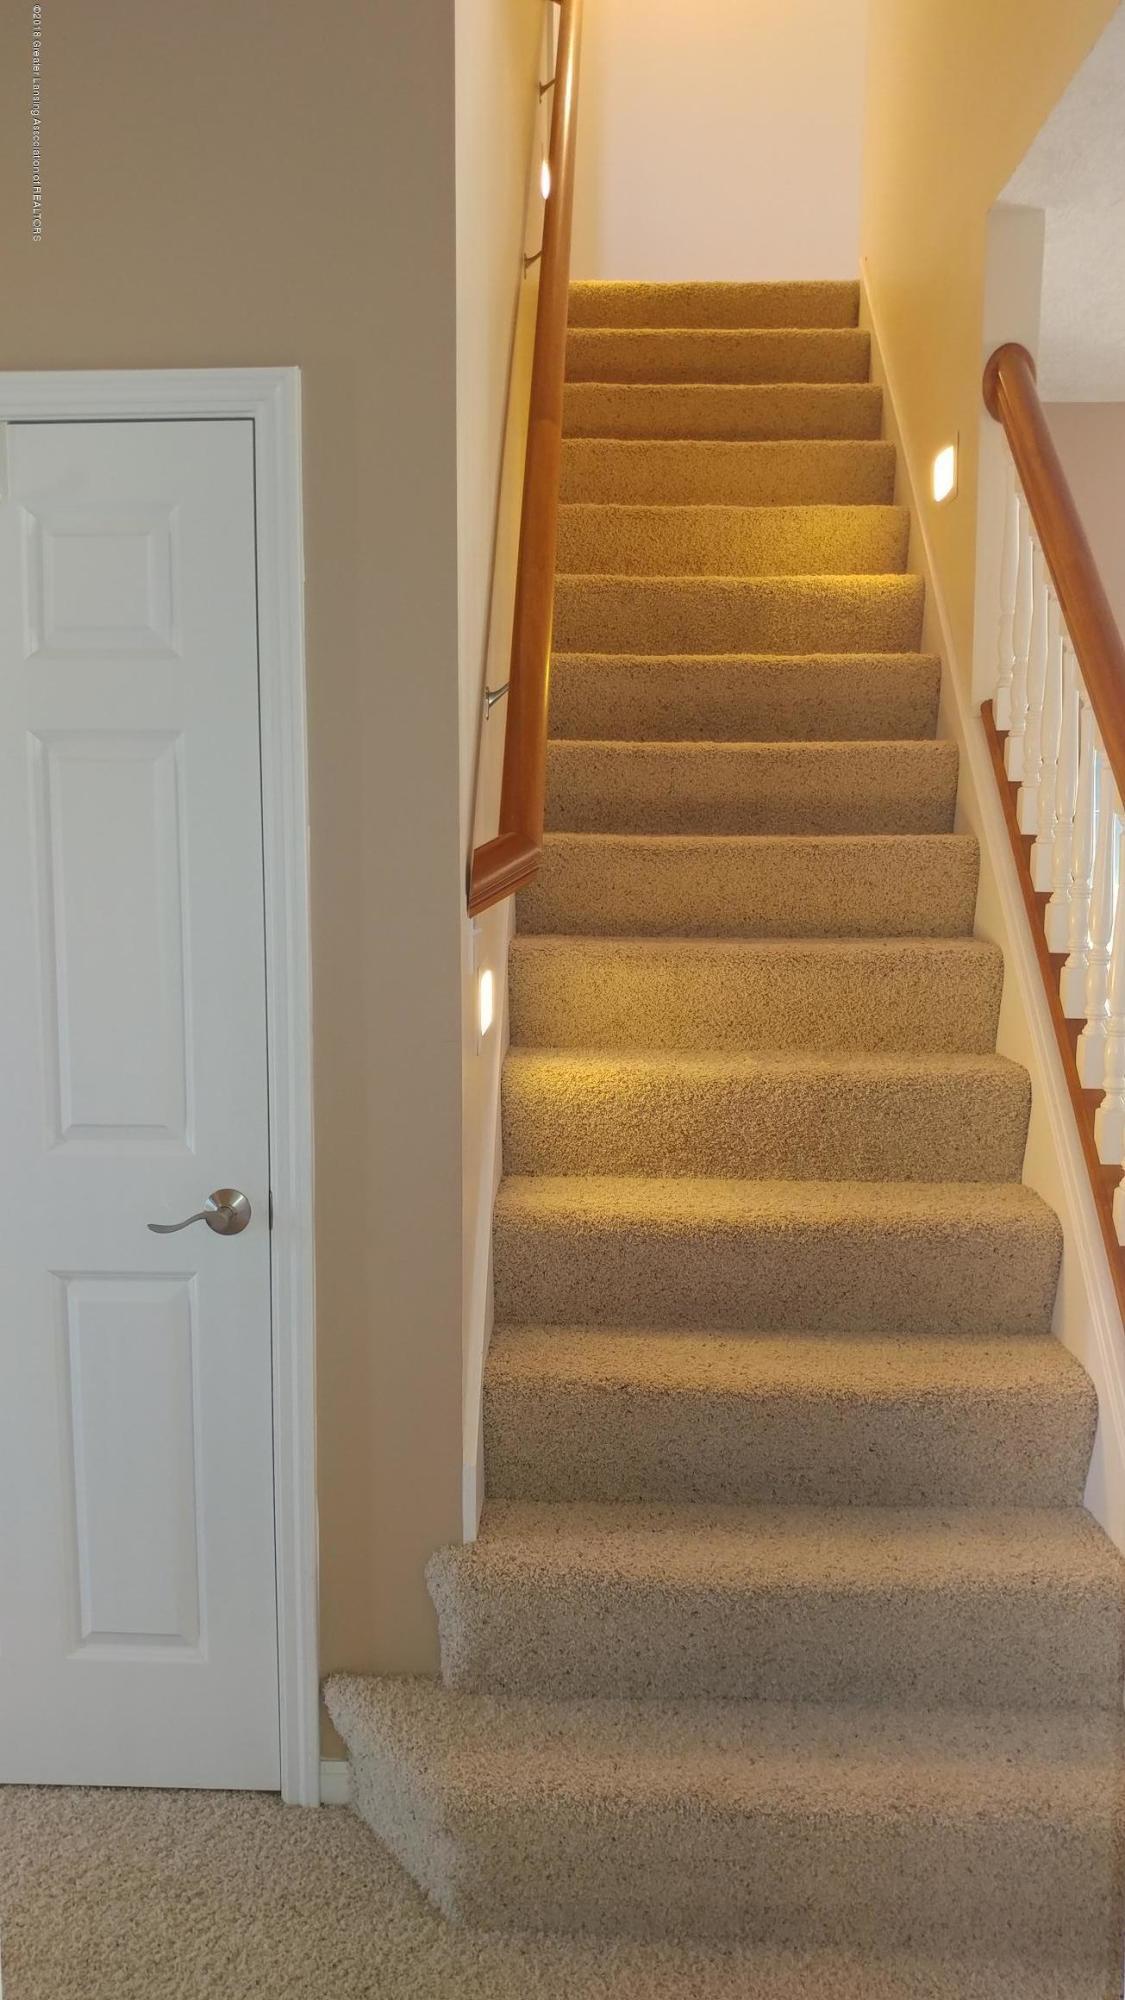 813 John Finner Ln - Stairway - 16